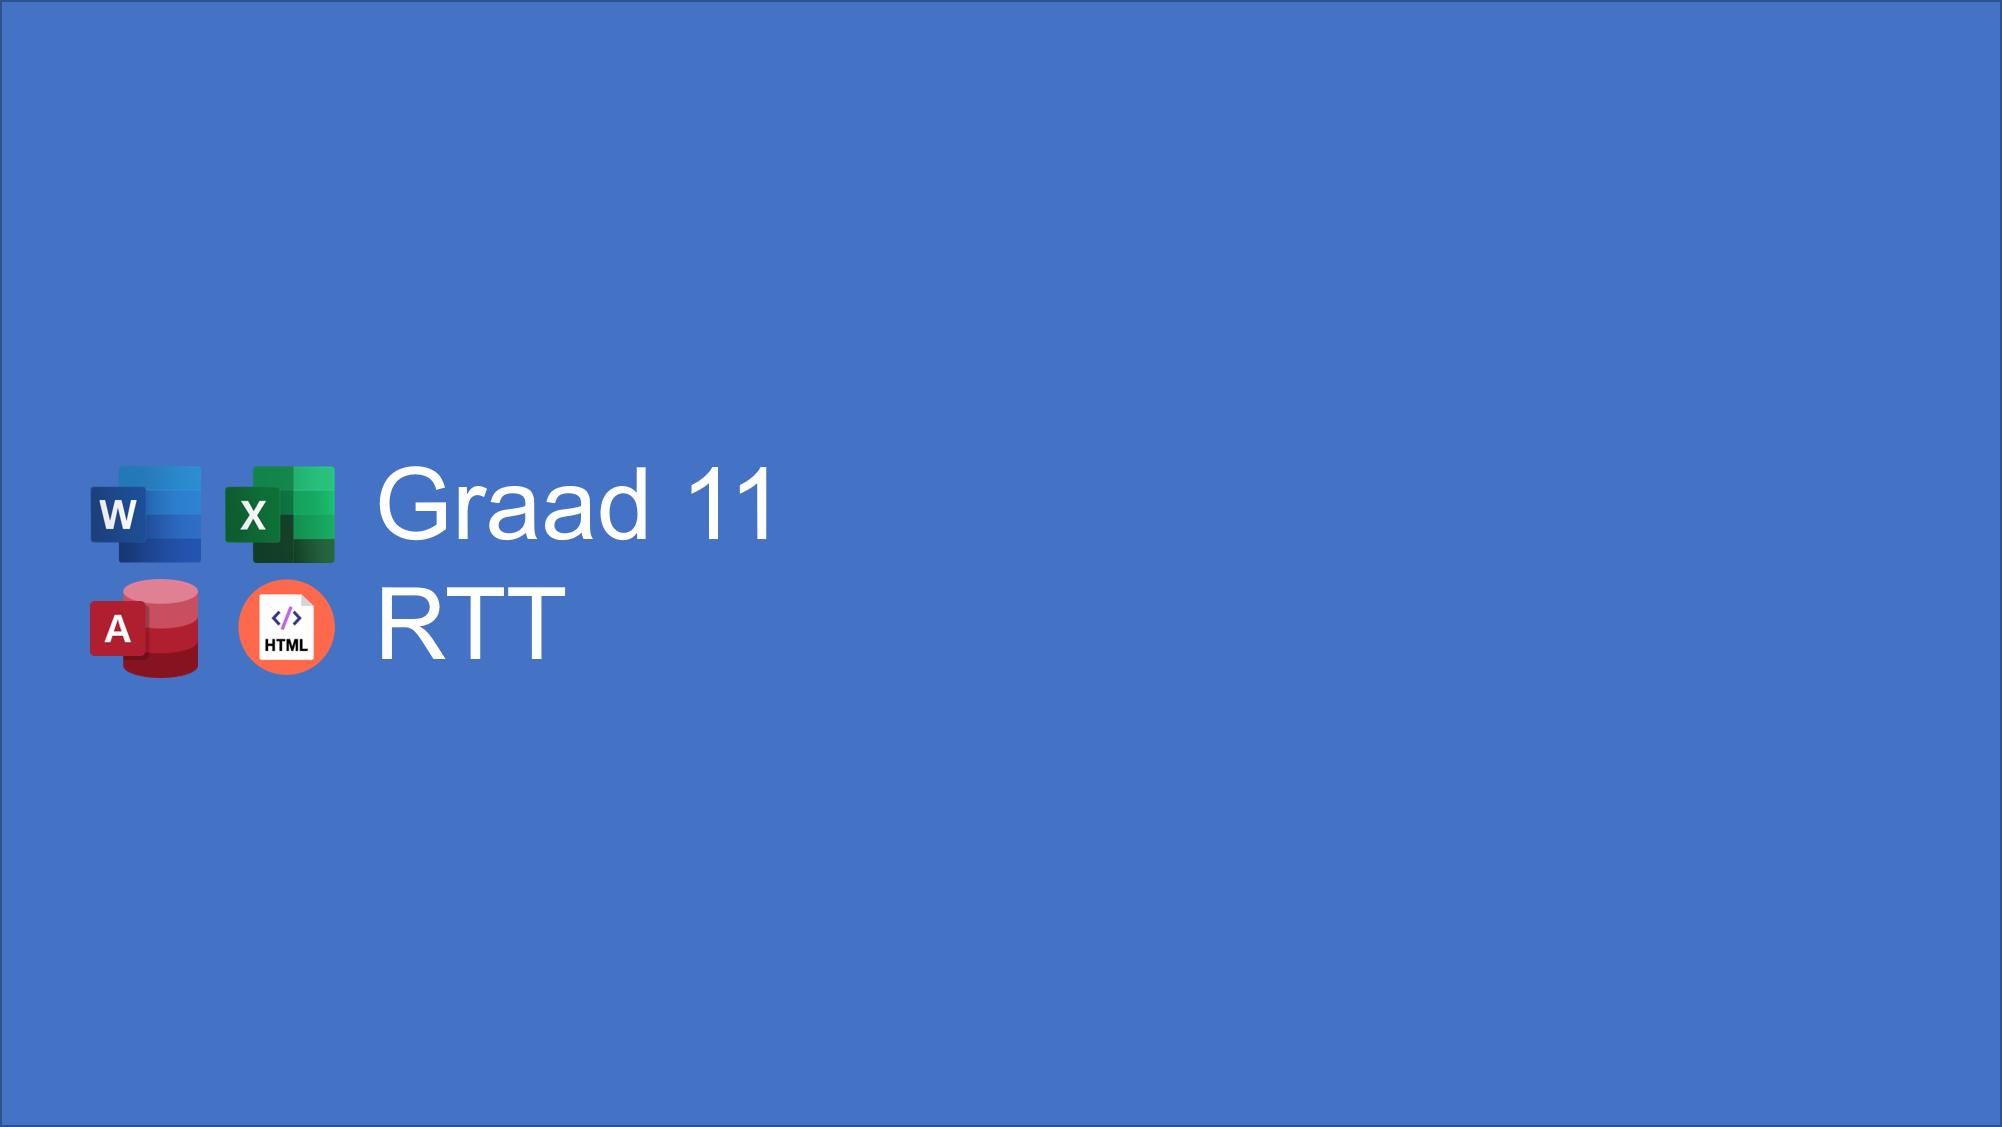 Graad 11 RTT